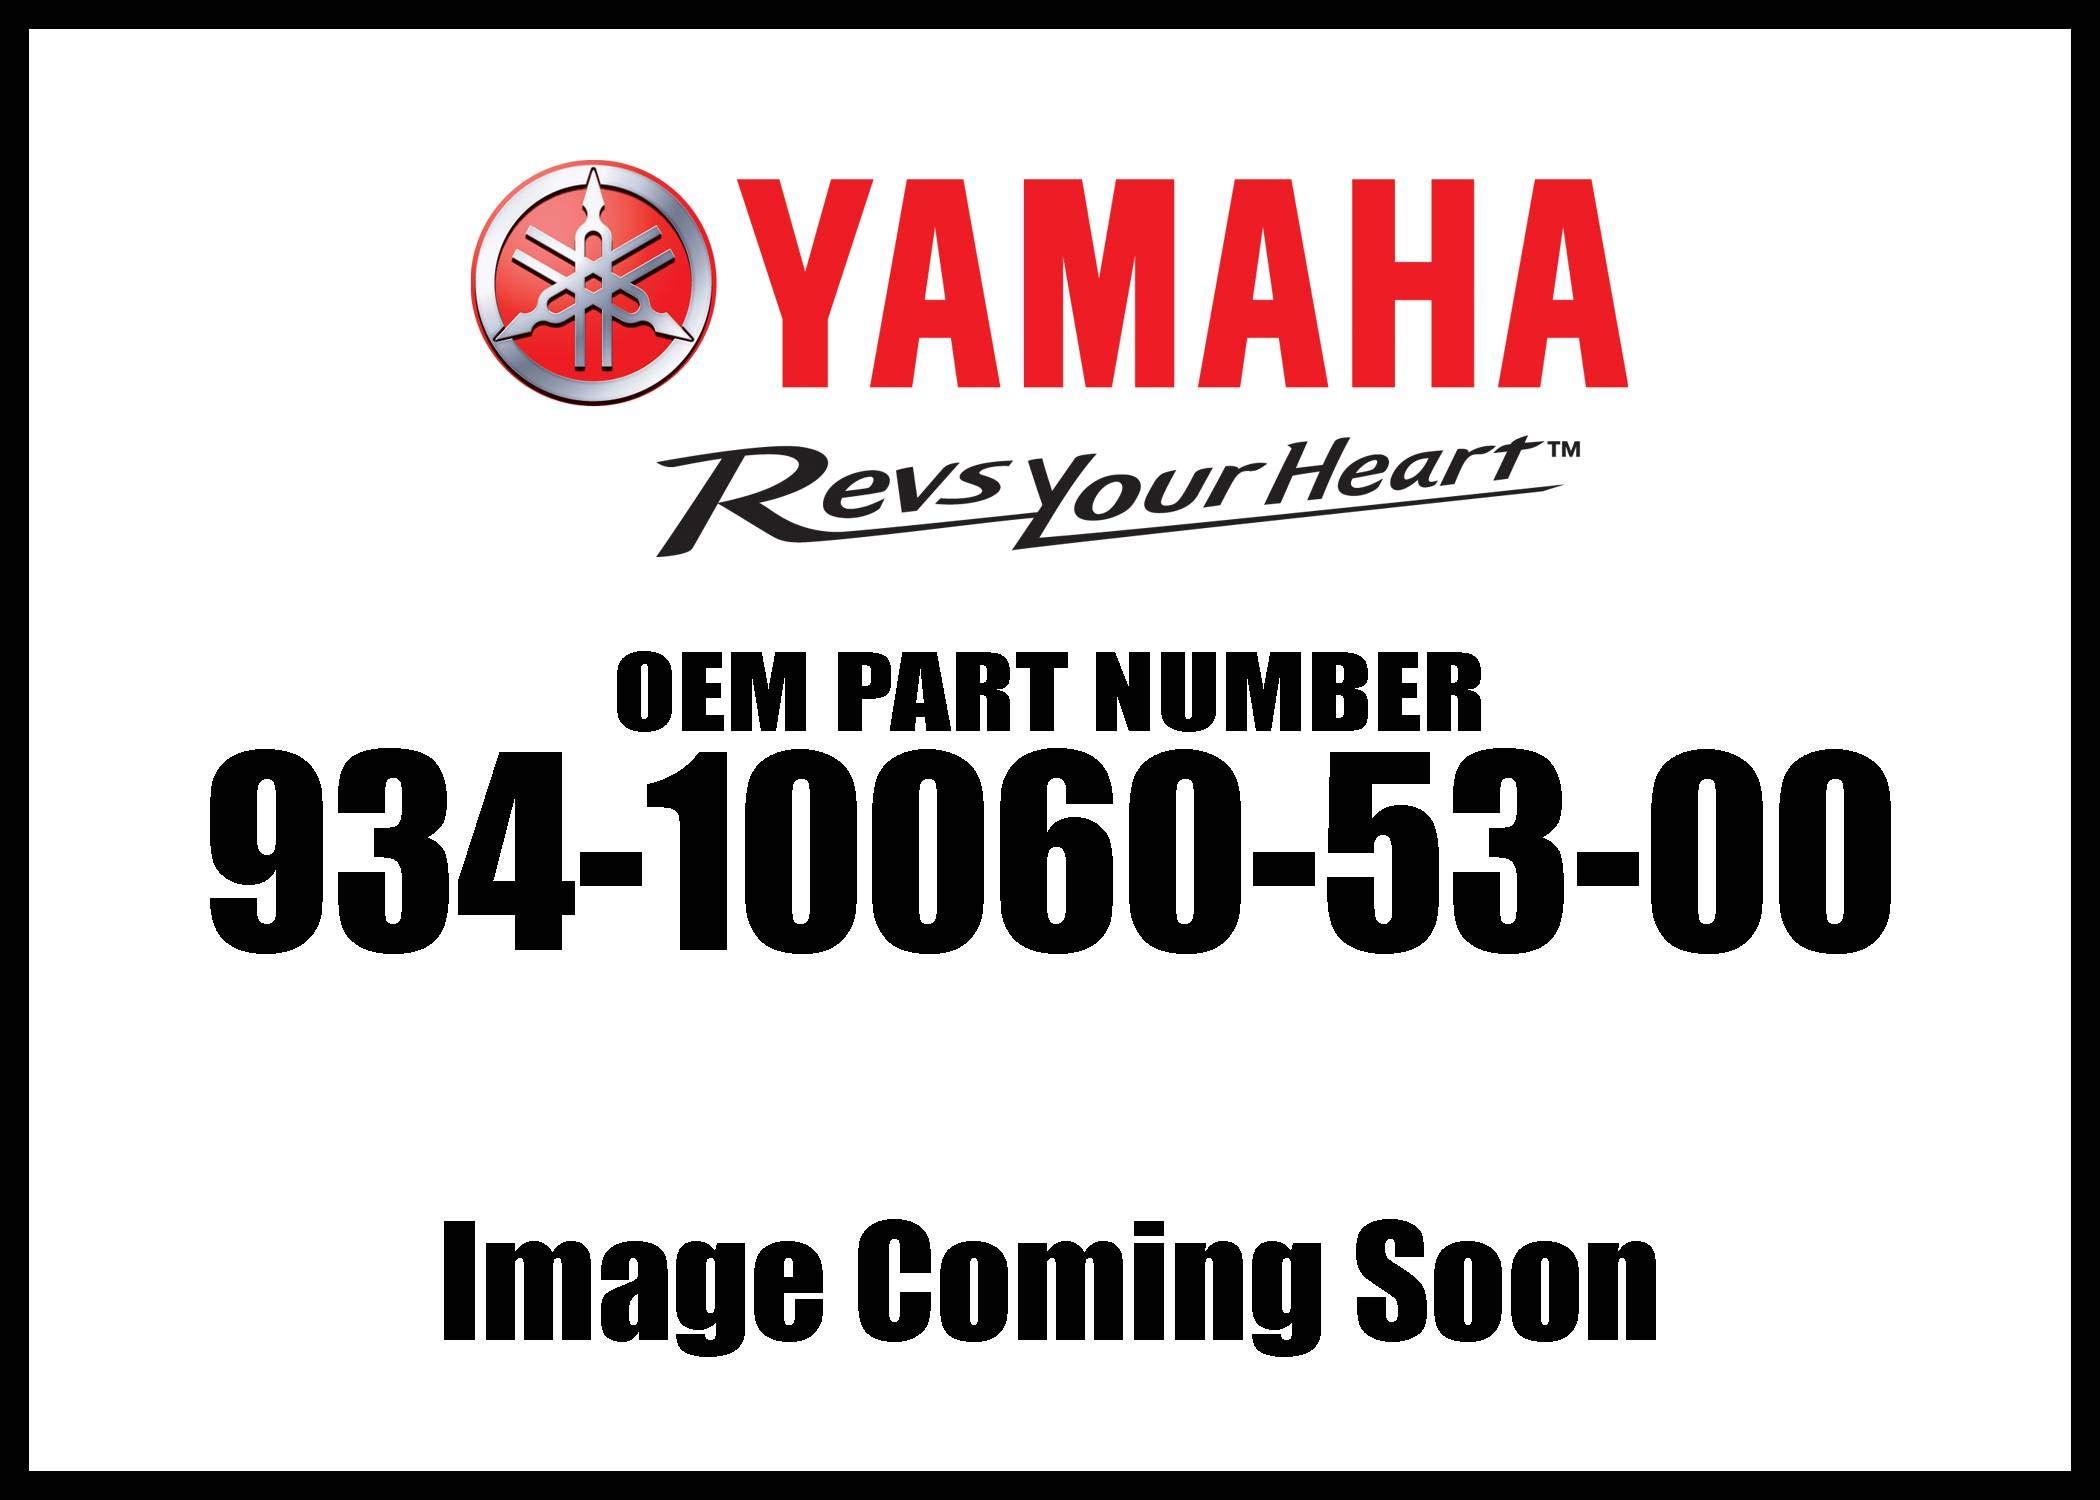 Yamaha 93410-06053-00 CIRCLIP,S-TYPE; 934100605300